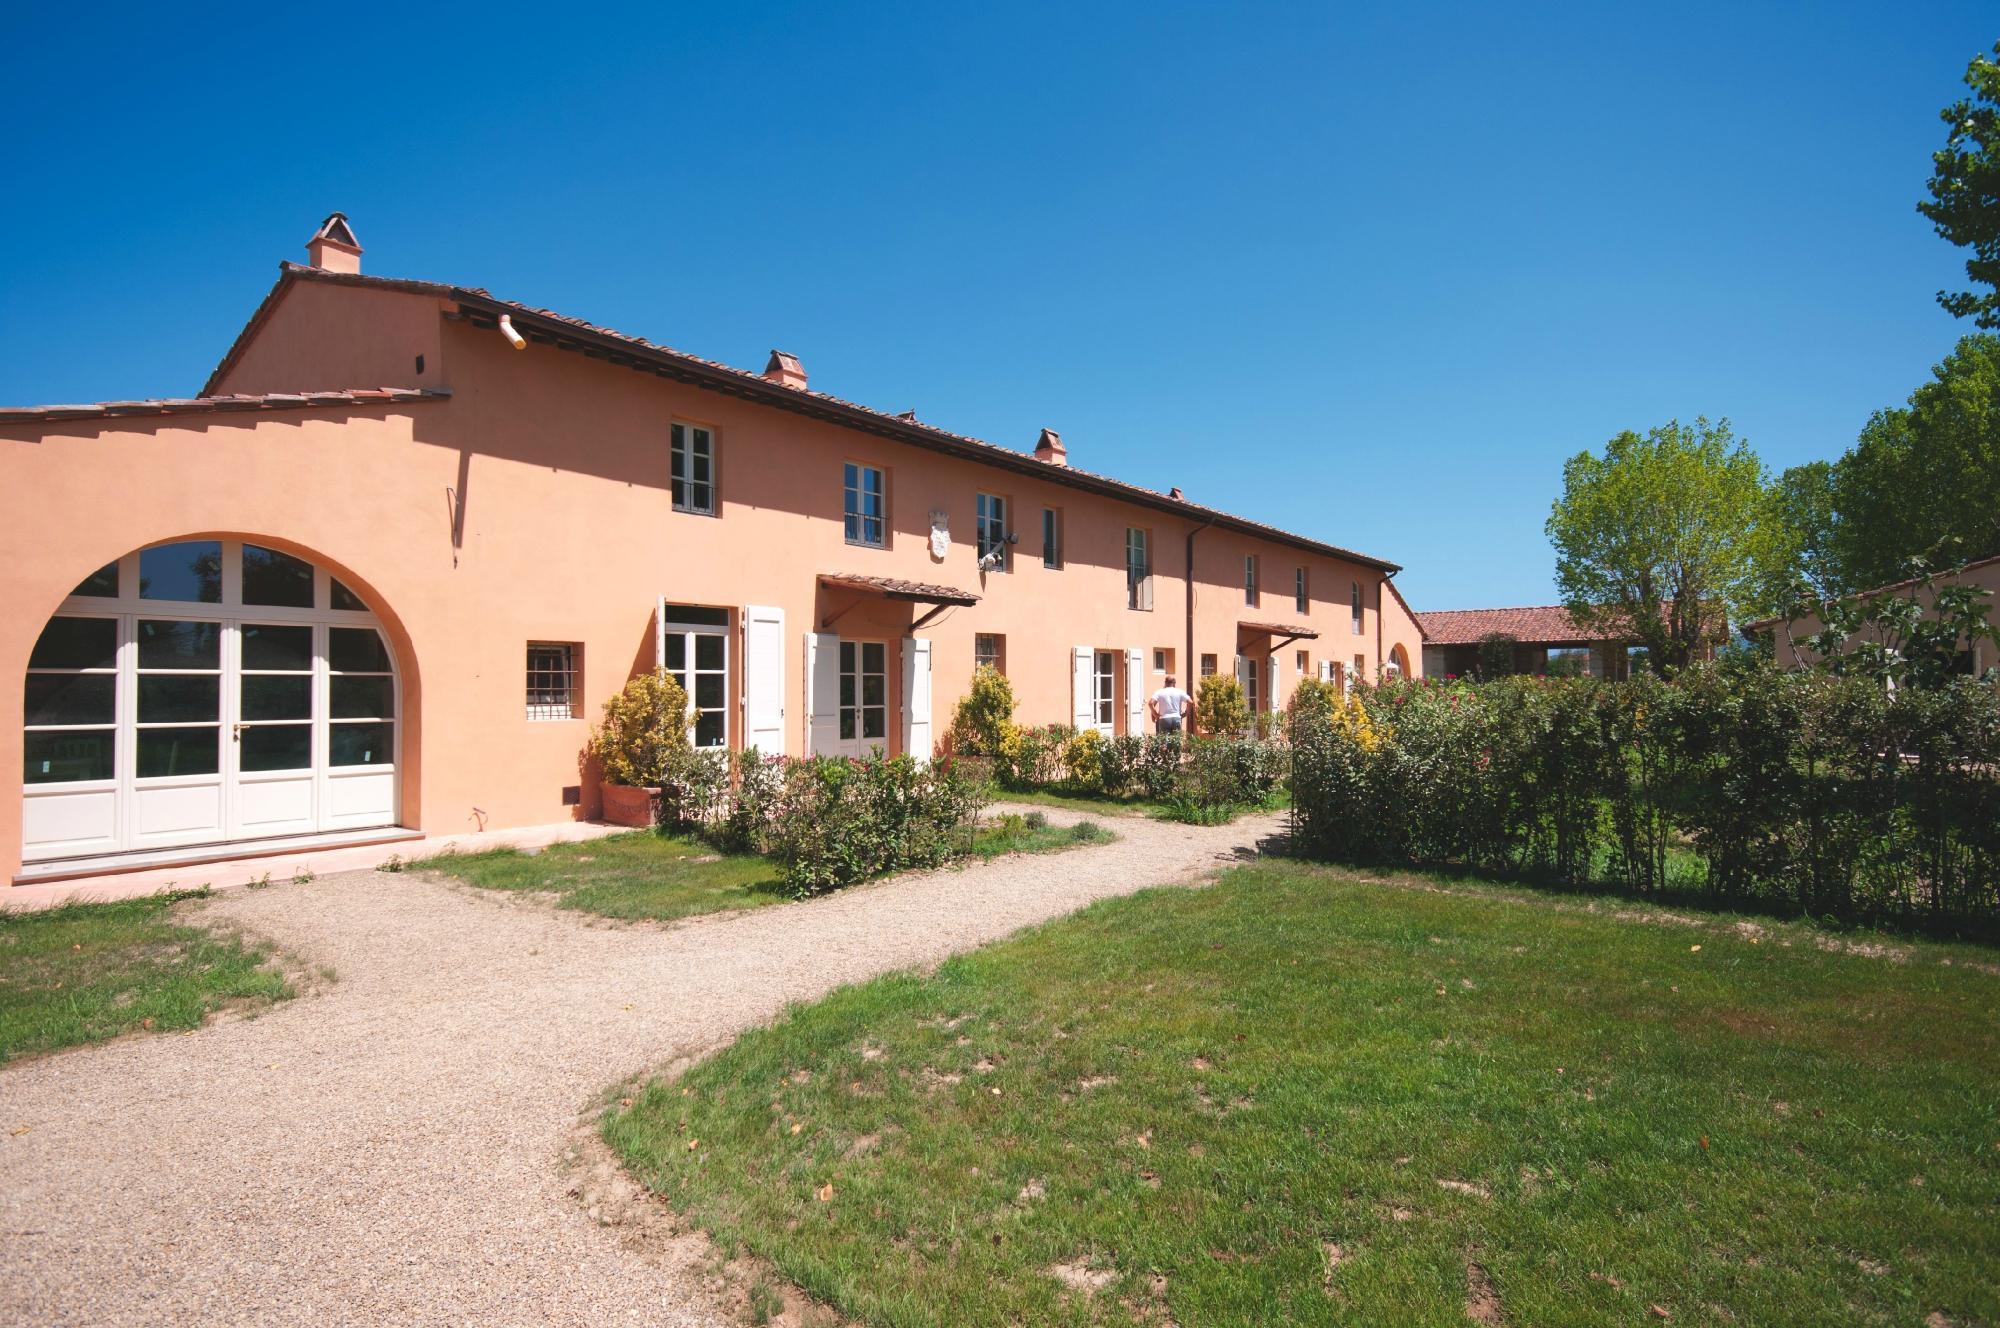 Borgo di Pratavecchie